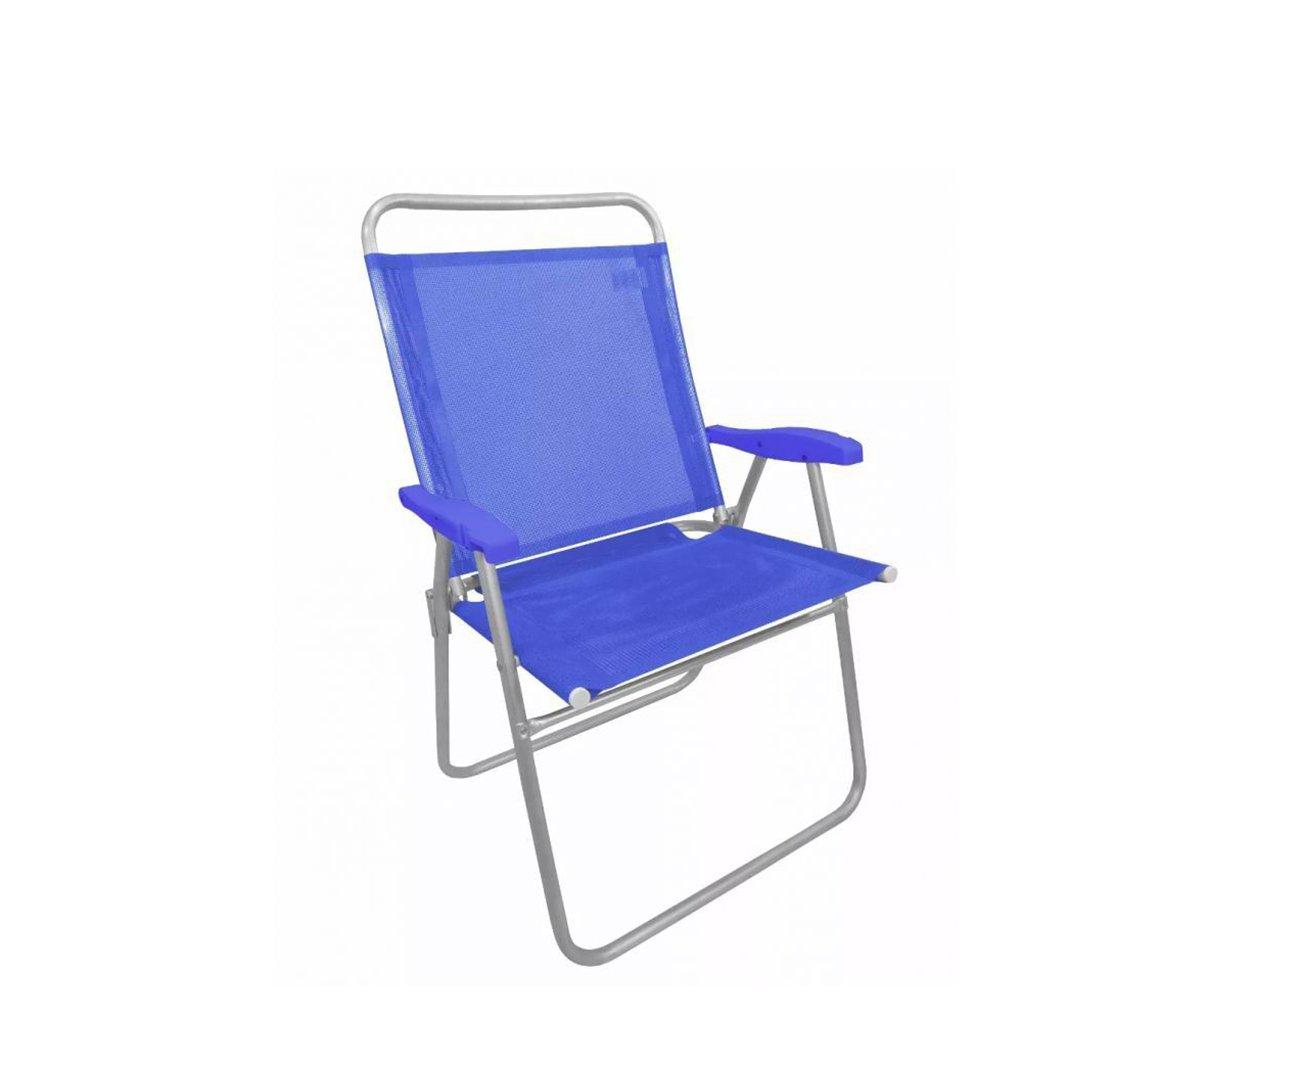 Cadeira De Praia Em Aluminio Zaka King Azul Capacidade 120kg